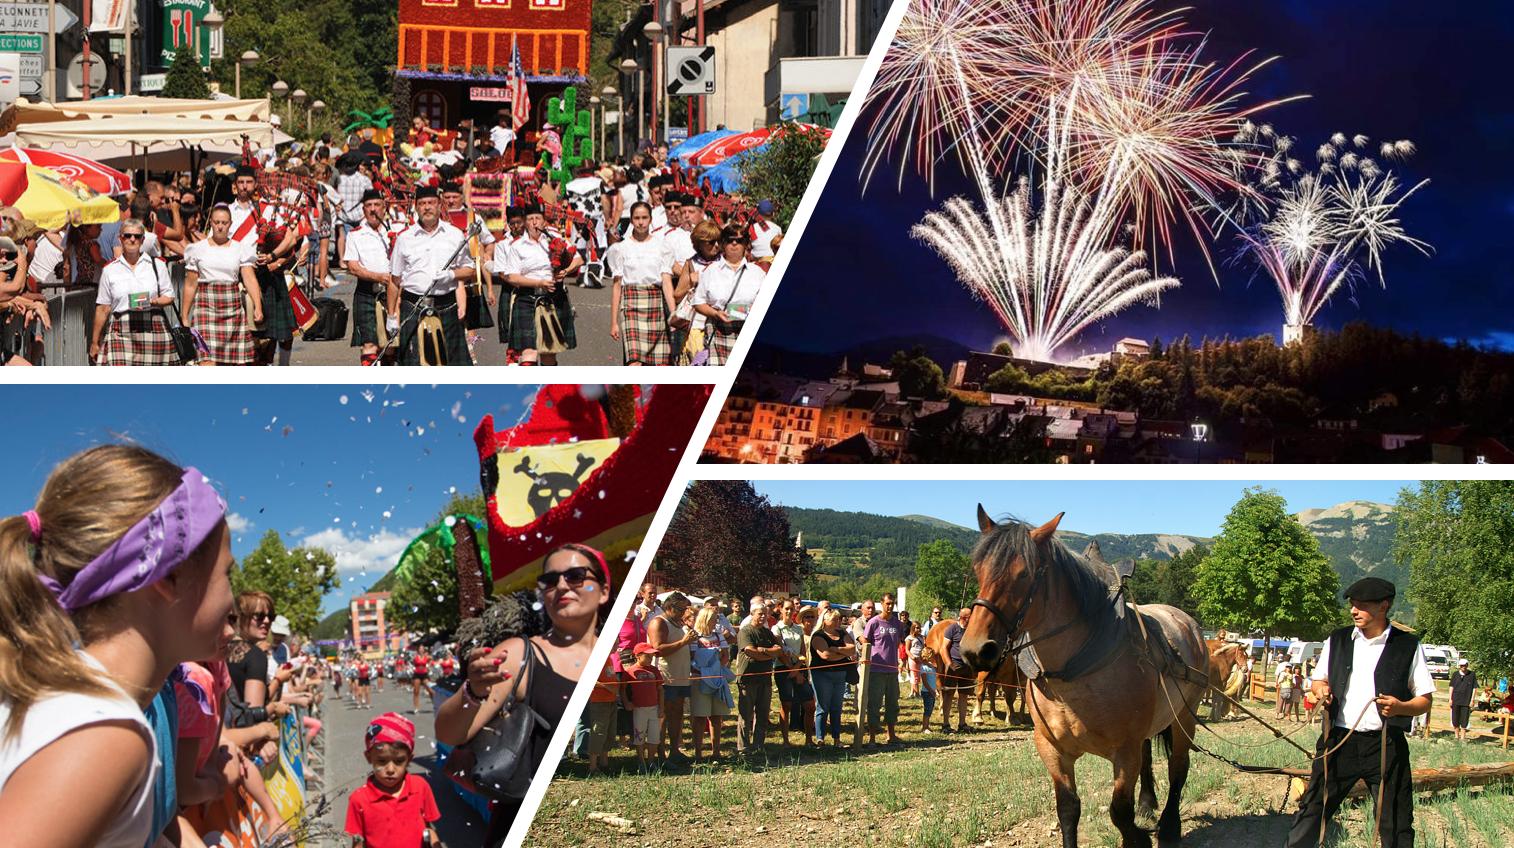 Tourisme : l'été dans les Alpes de Haute-provence (04) Capture%20d%E2%80%99e%CC%81cran%202021-07-28%20a%CC%80%2009.17.39